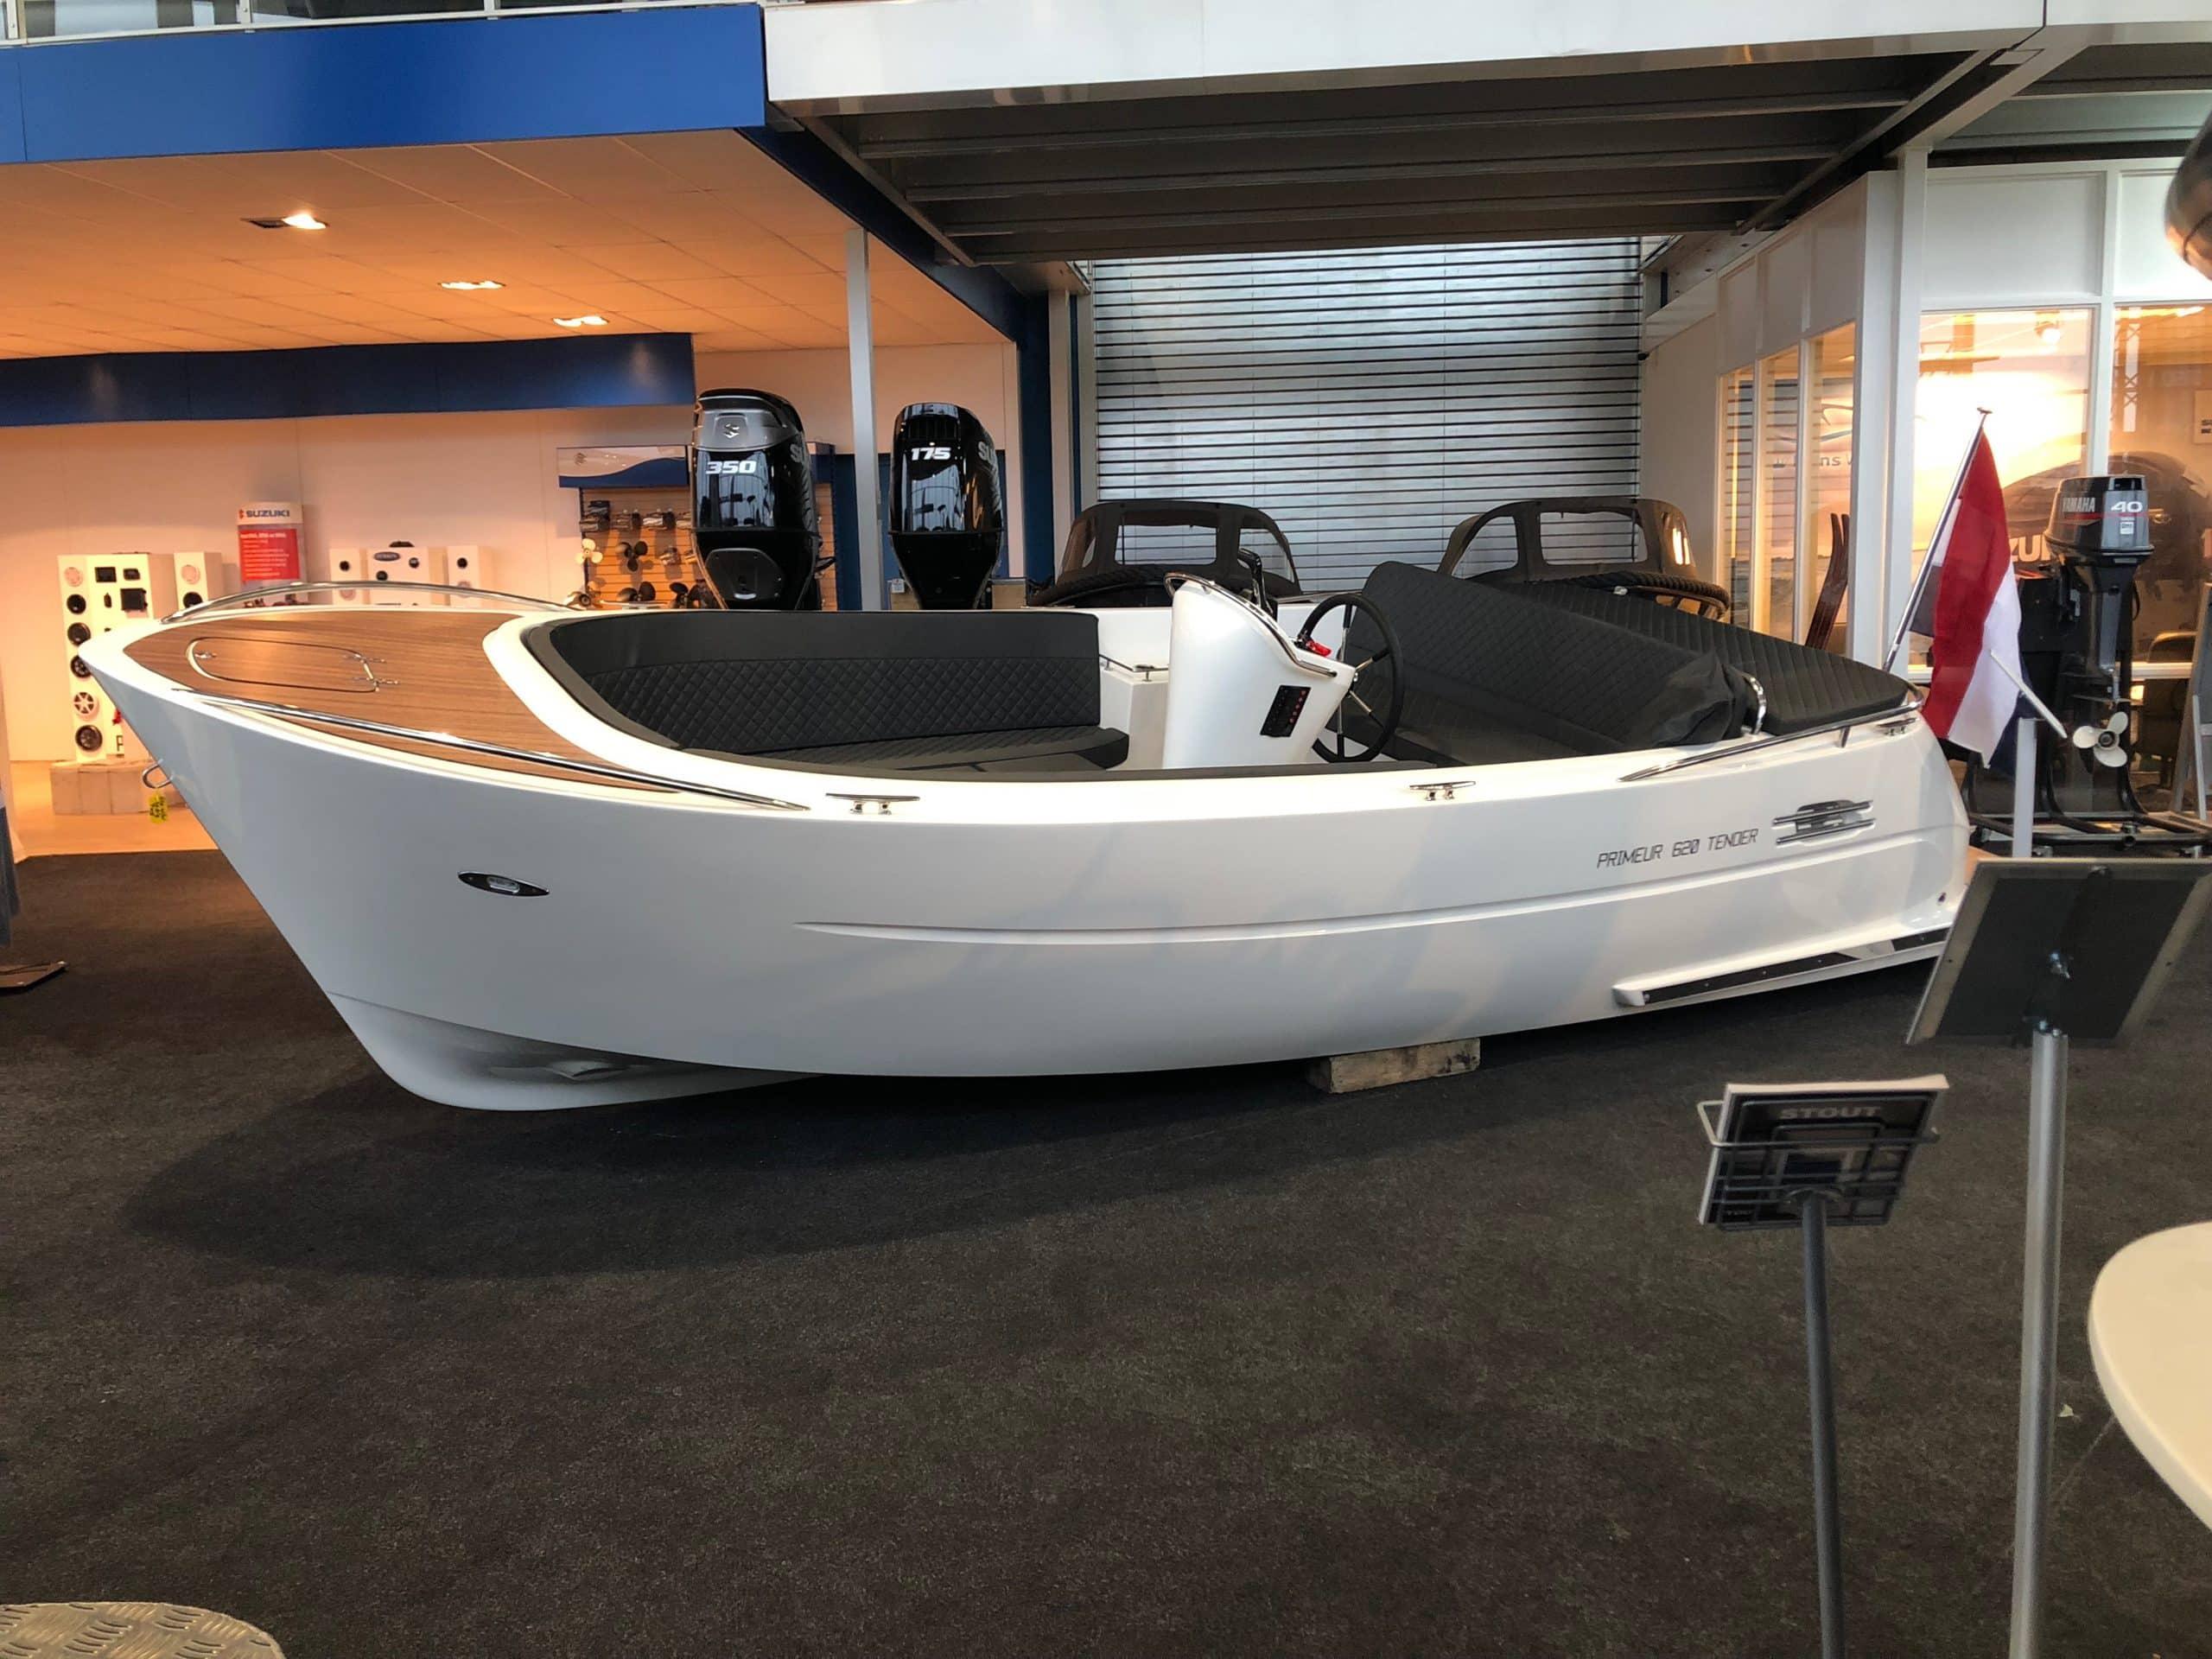 primeur-620-tender